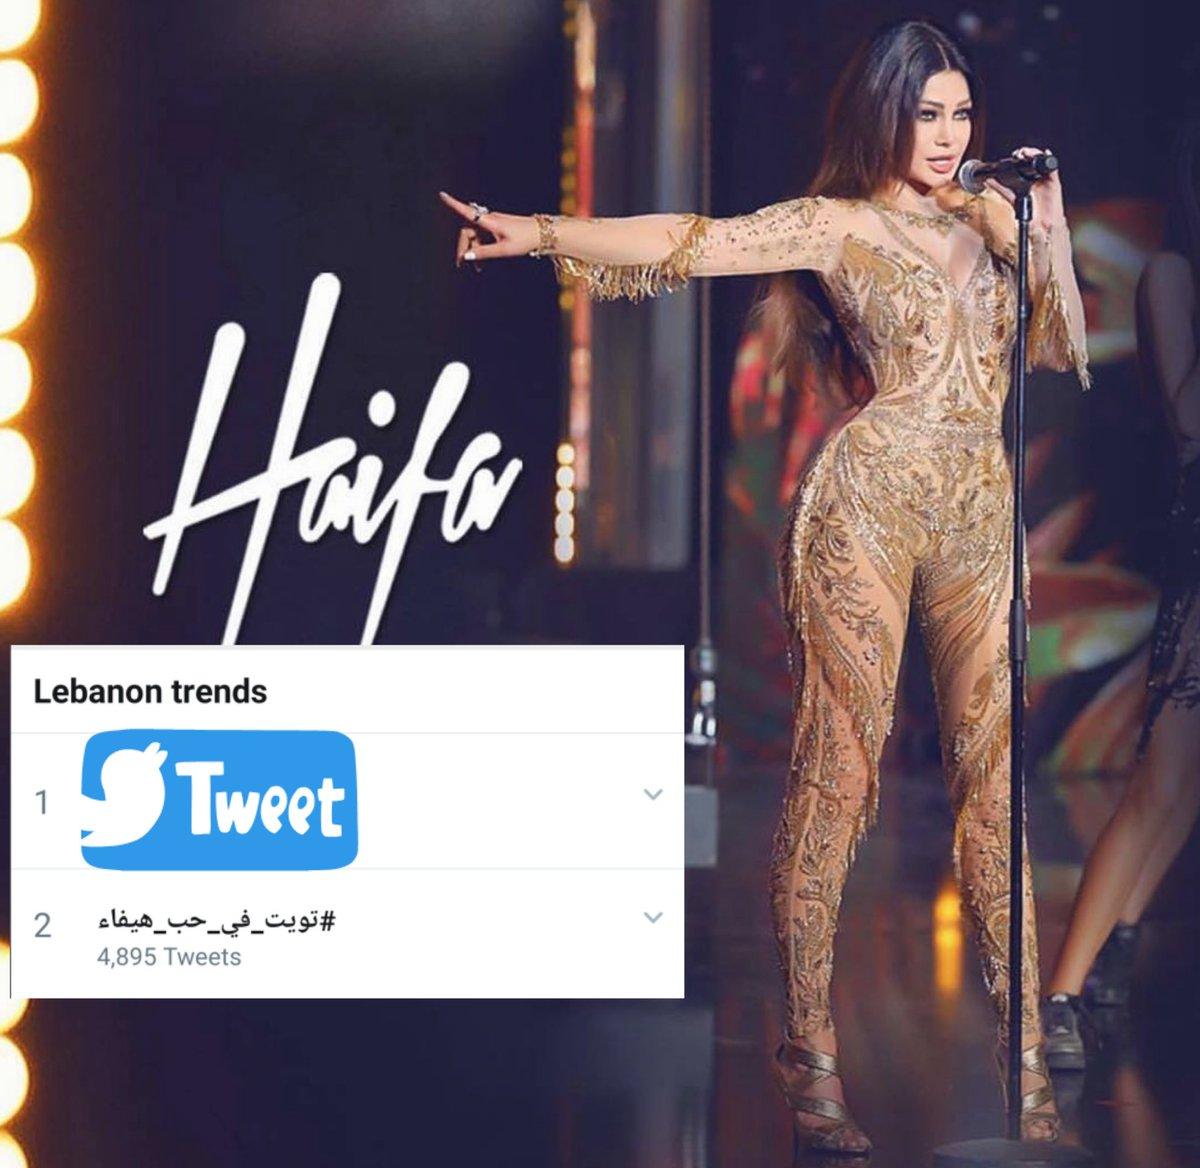 هاشتاغ #تويت_في_حب_هيفاء يتصدر ترند #تويتر في #لبنان .  خارقة الجمال مبروك@HaifaWehbepic.twitter.com/9jQLMMLWbz